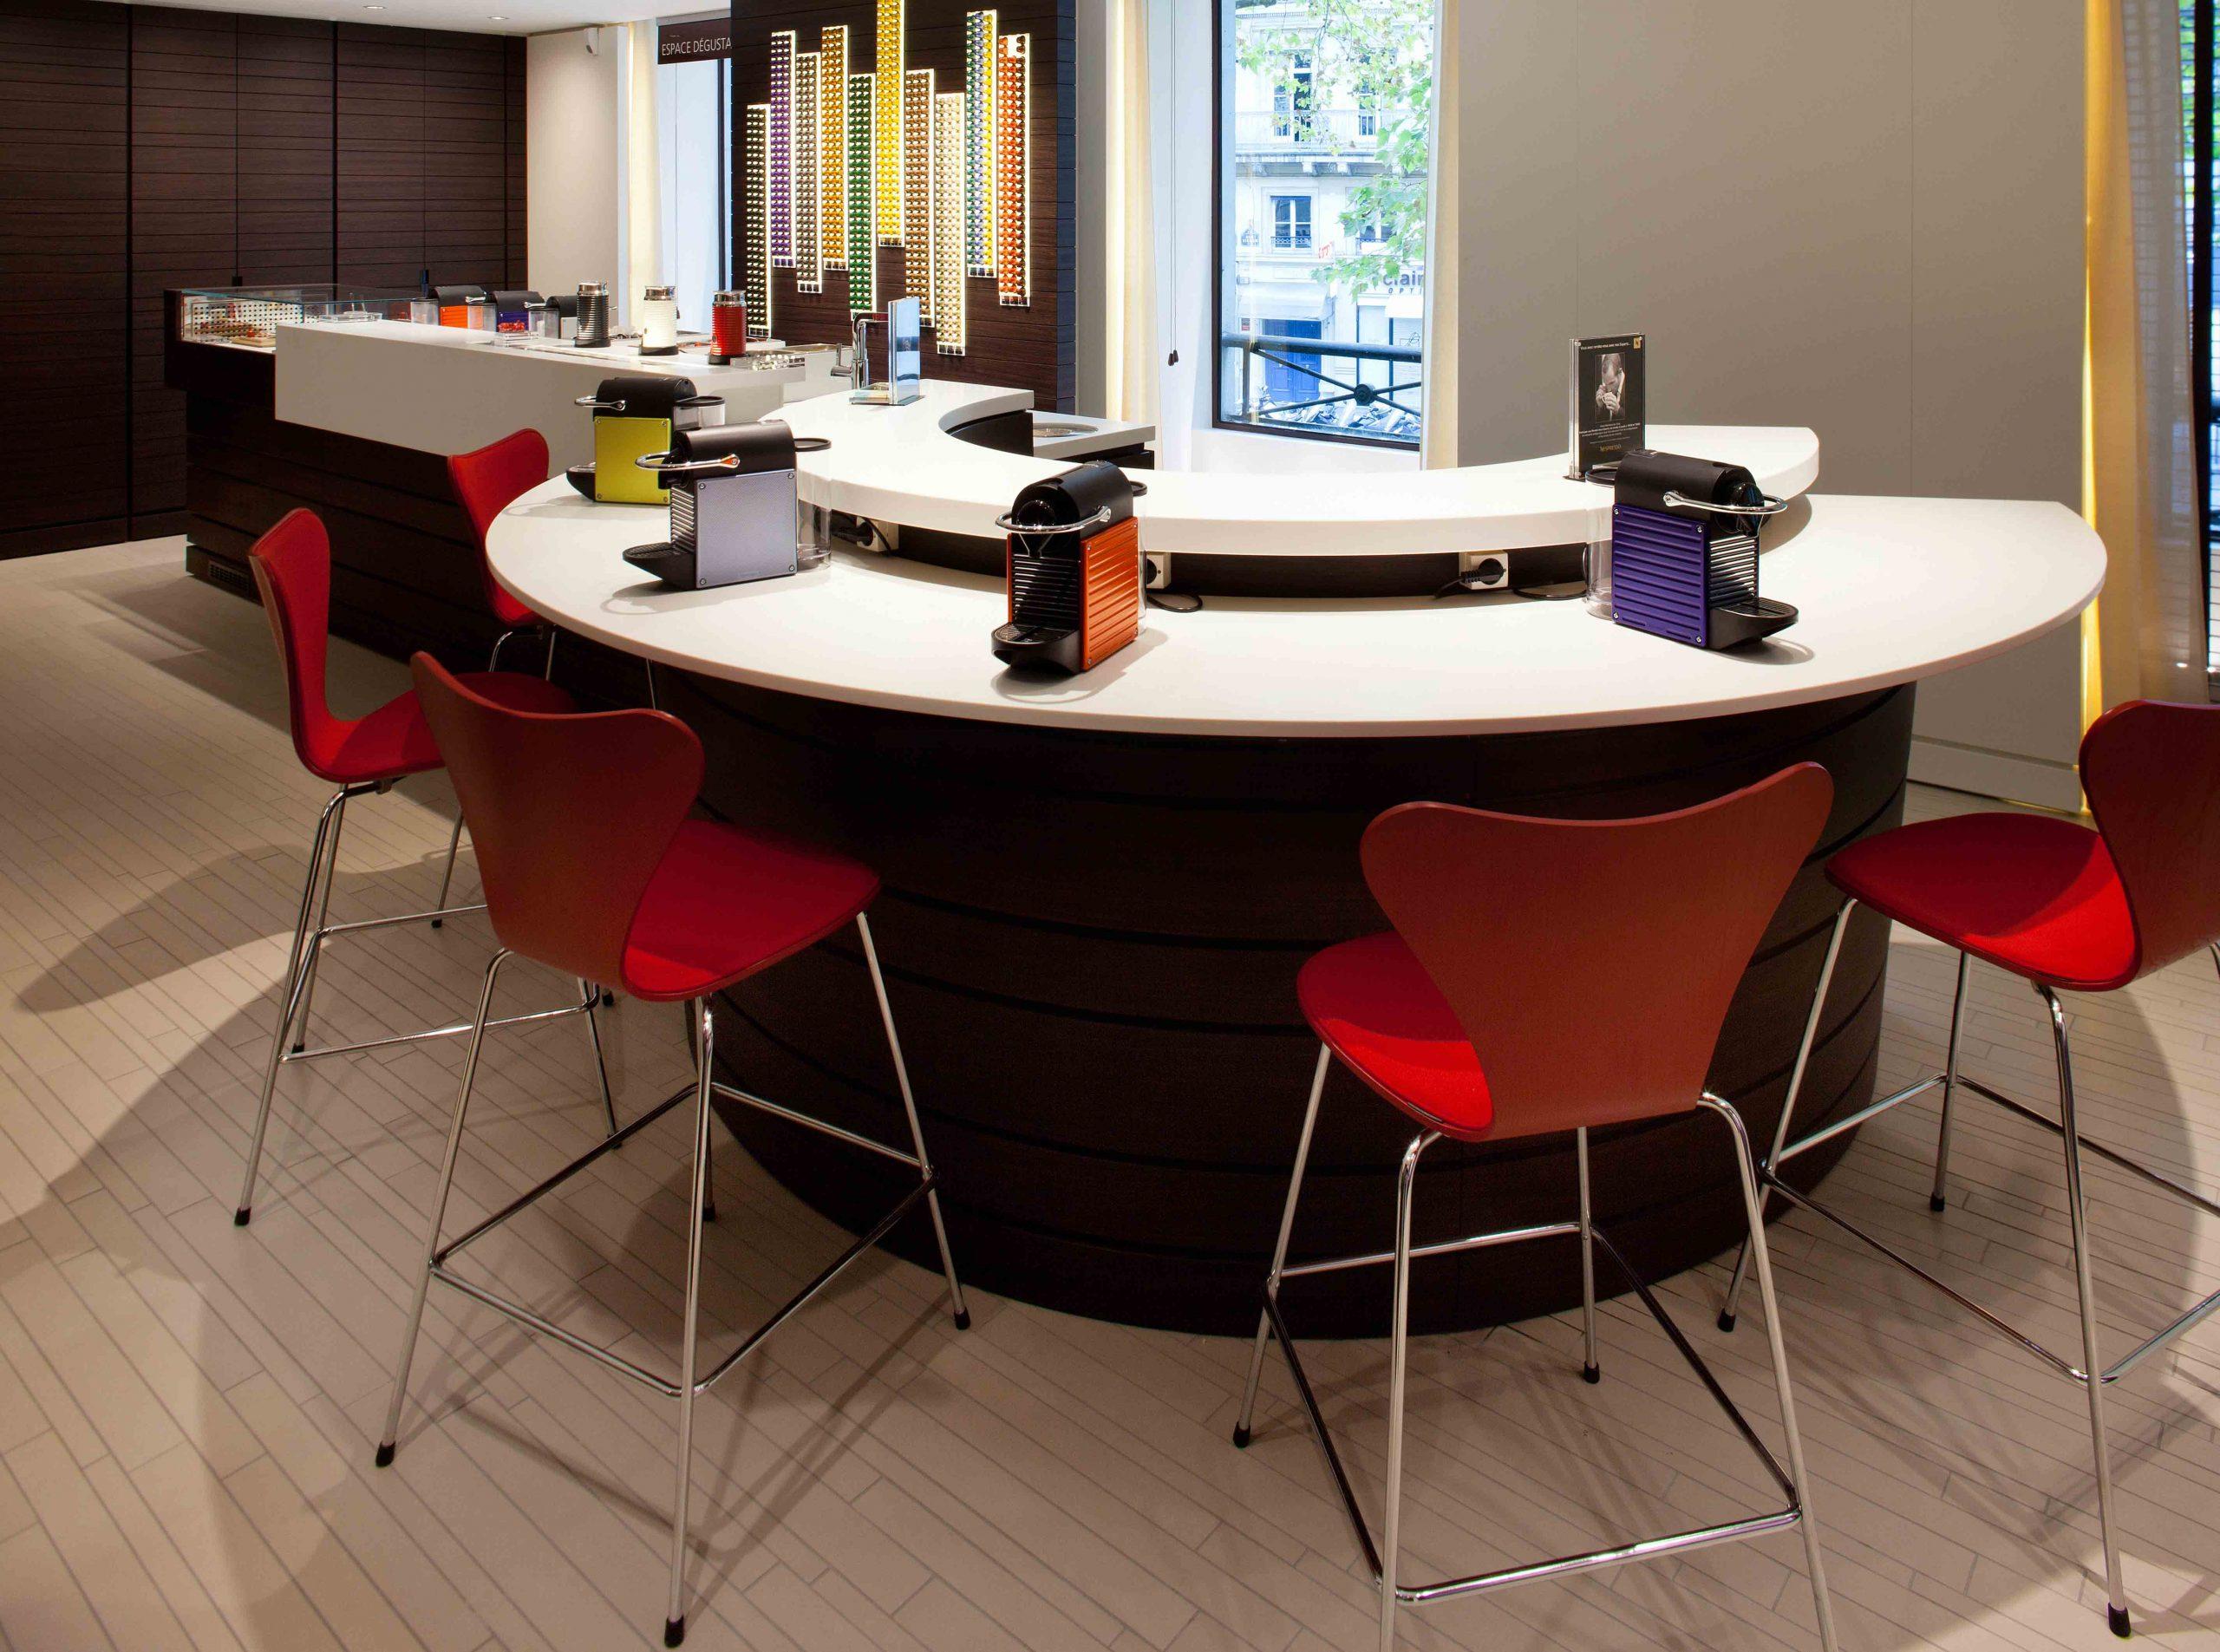 Kaffe: Nespresso åbner ny og mere bæredygtig butik i Bruuns Galleri